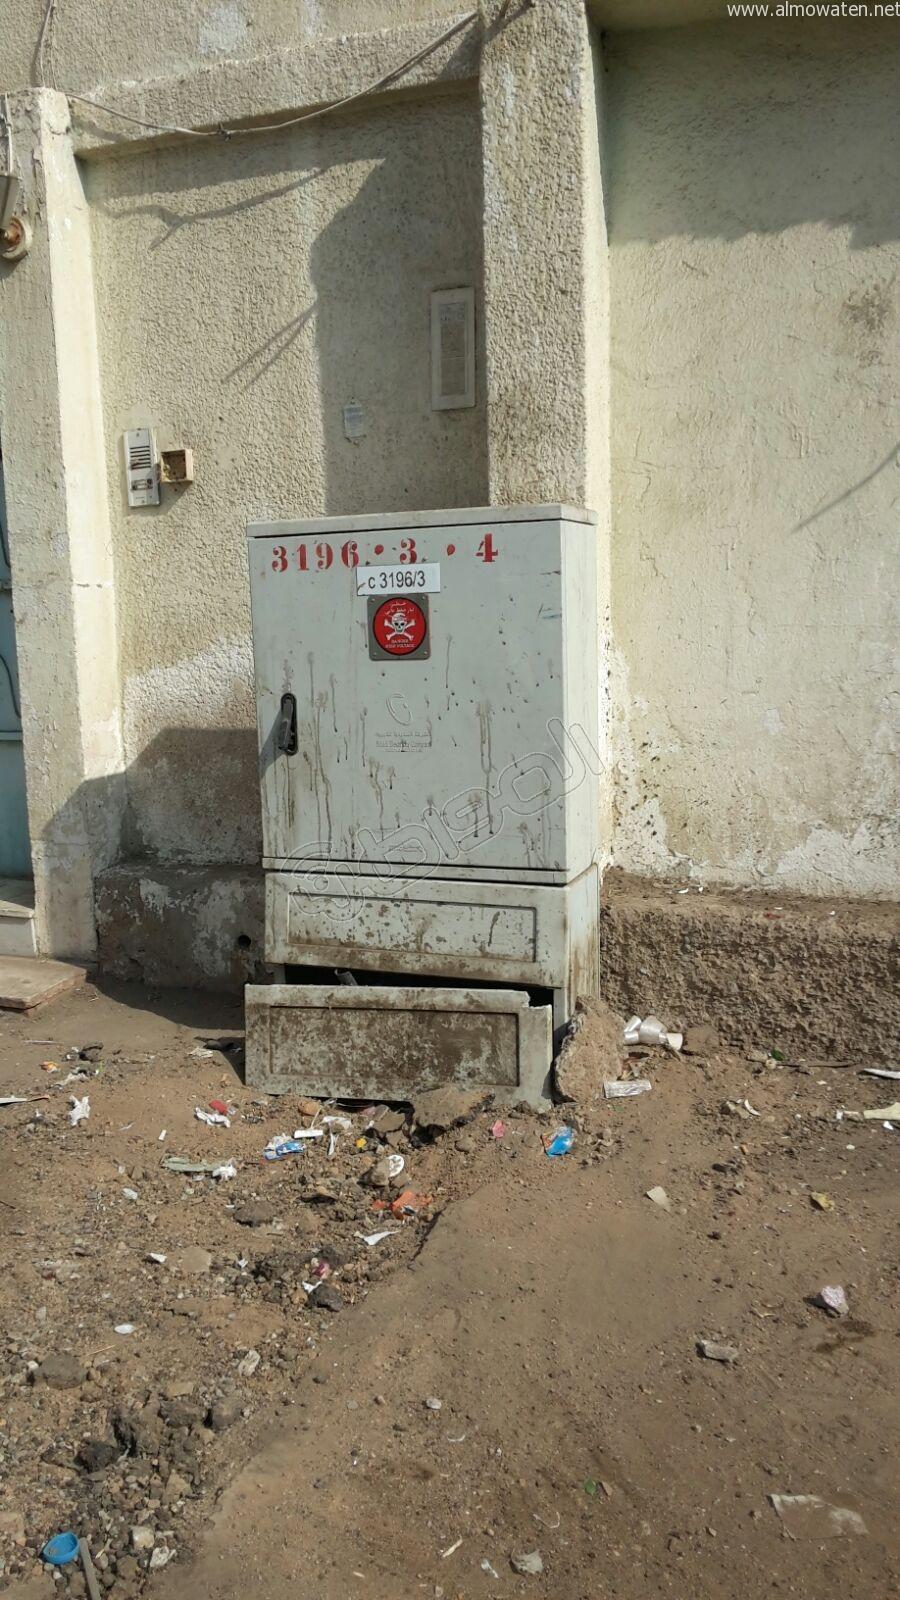 """تفاعلاً مع """"المواطن"""".. كهرباء #جدة تُصلح الكابل المكشوف بحي بني مالك - المواطن"""